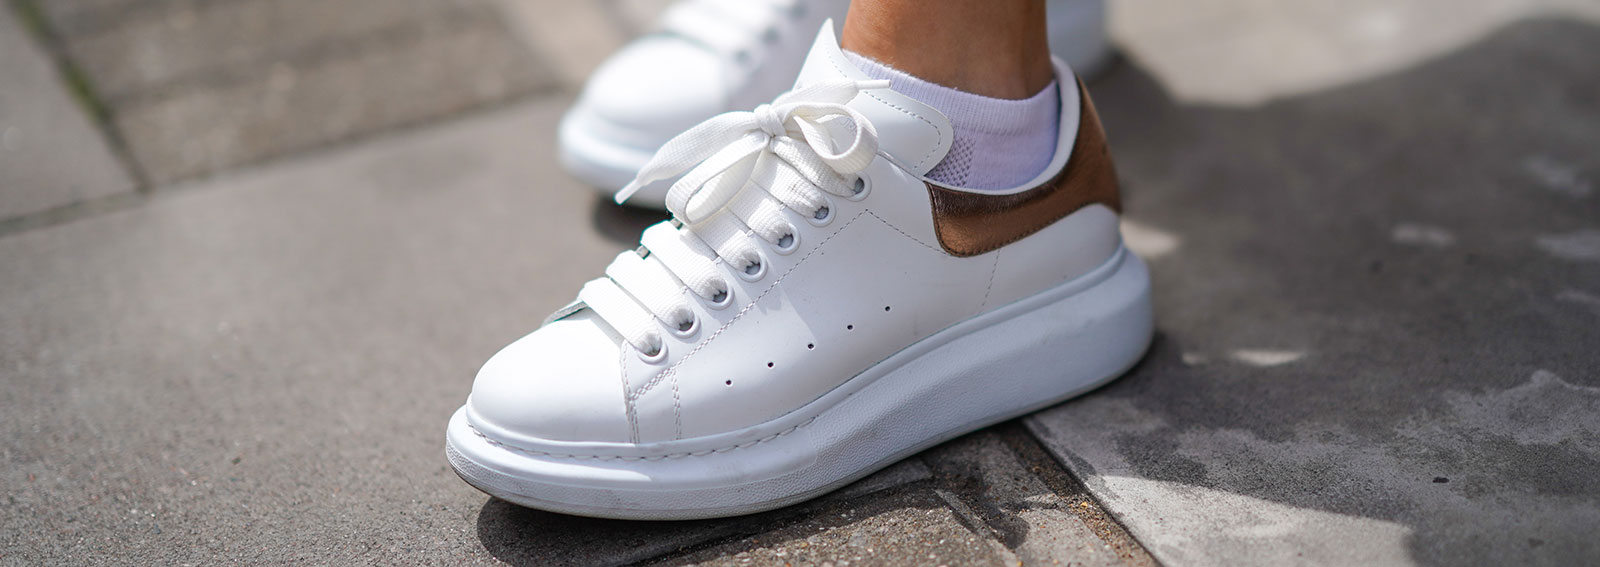 sneakers-stylight-desk